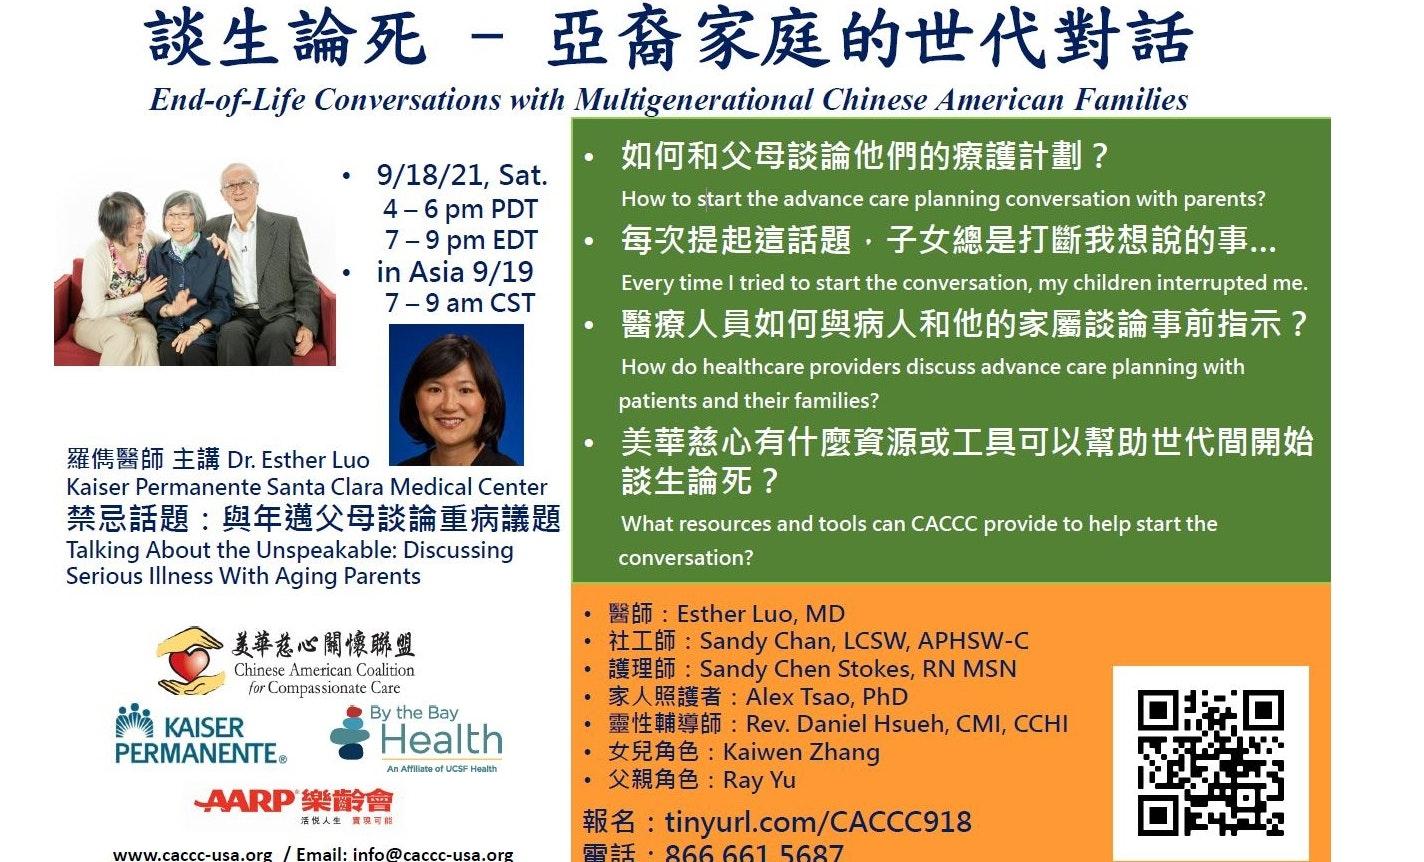 談生論死 End-of-Life Conversation with Chinese American Families